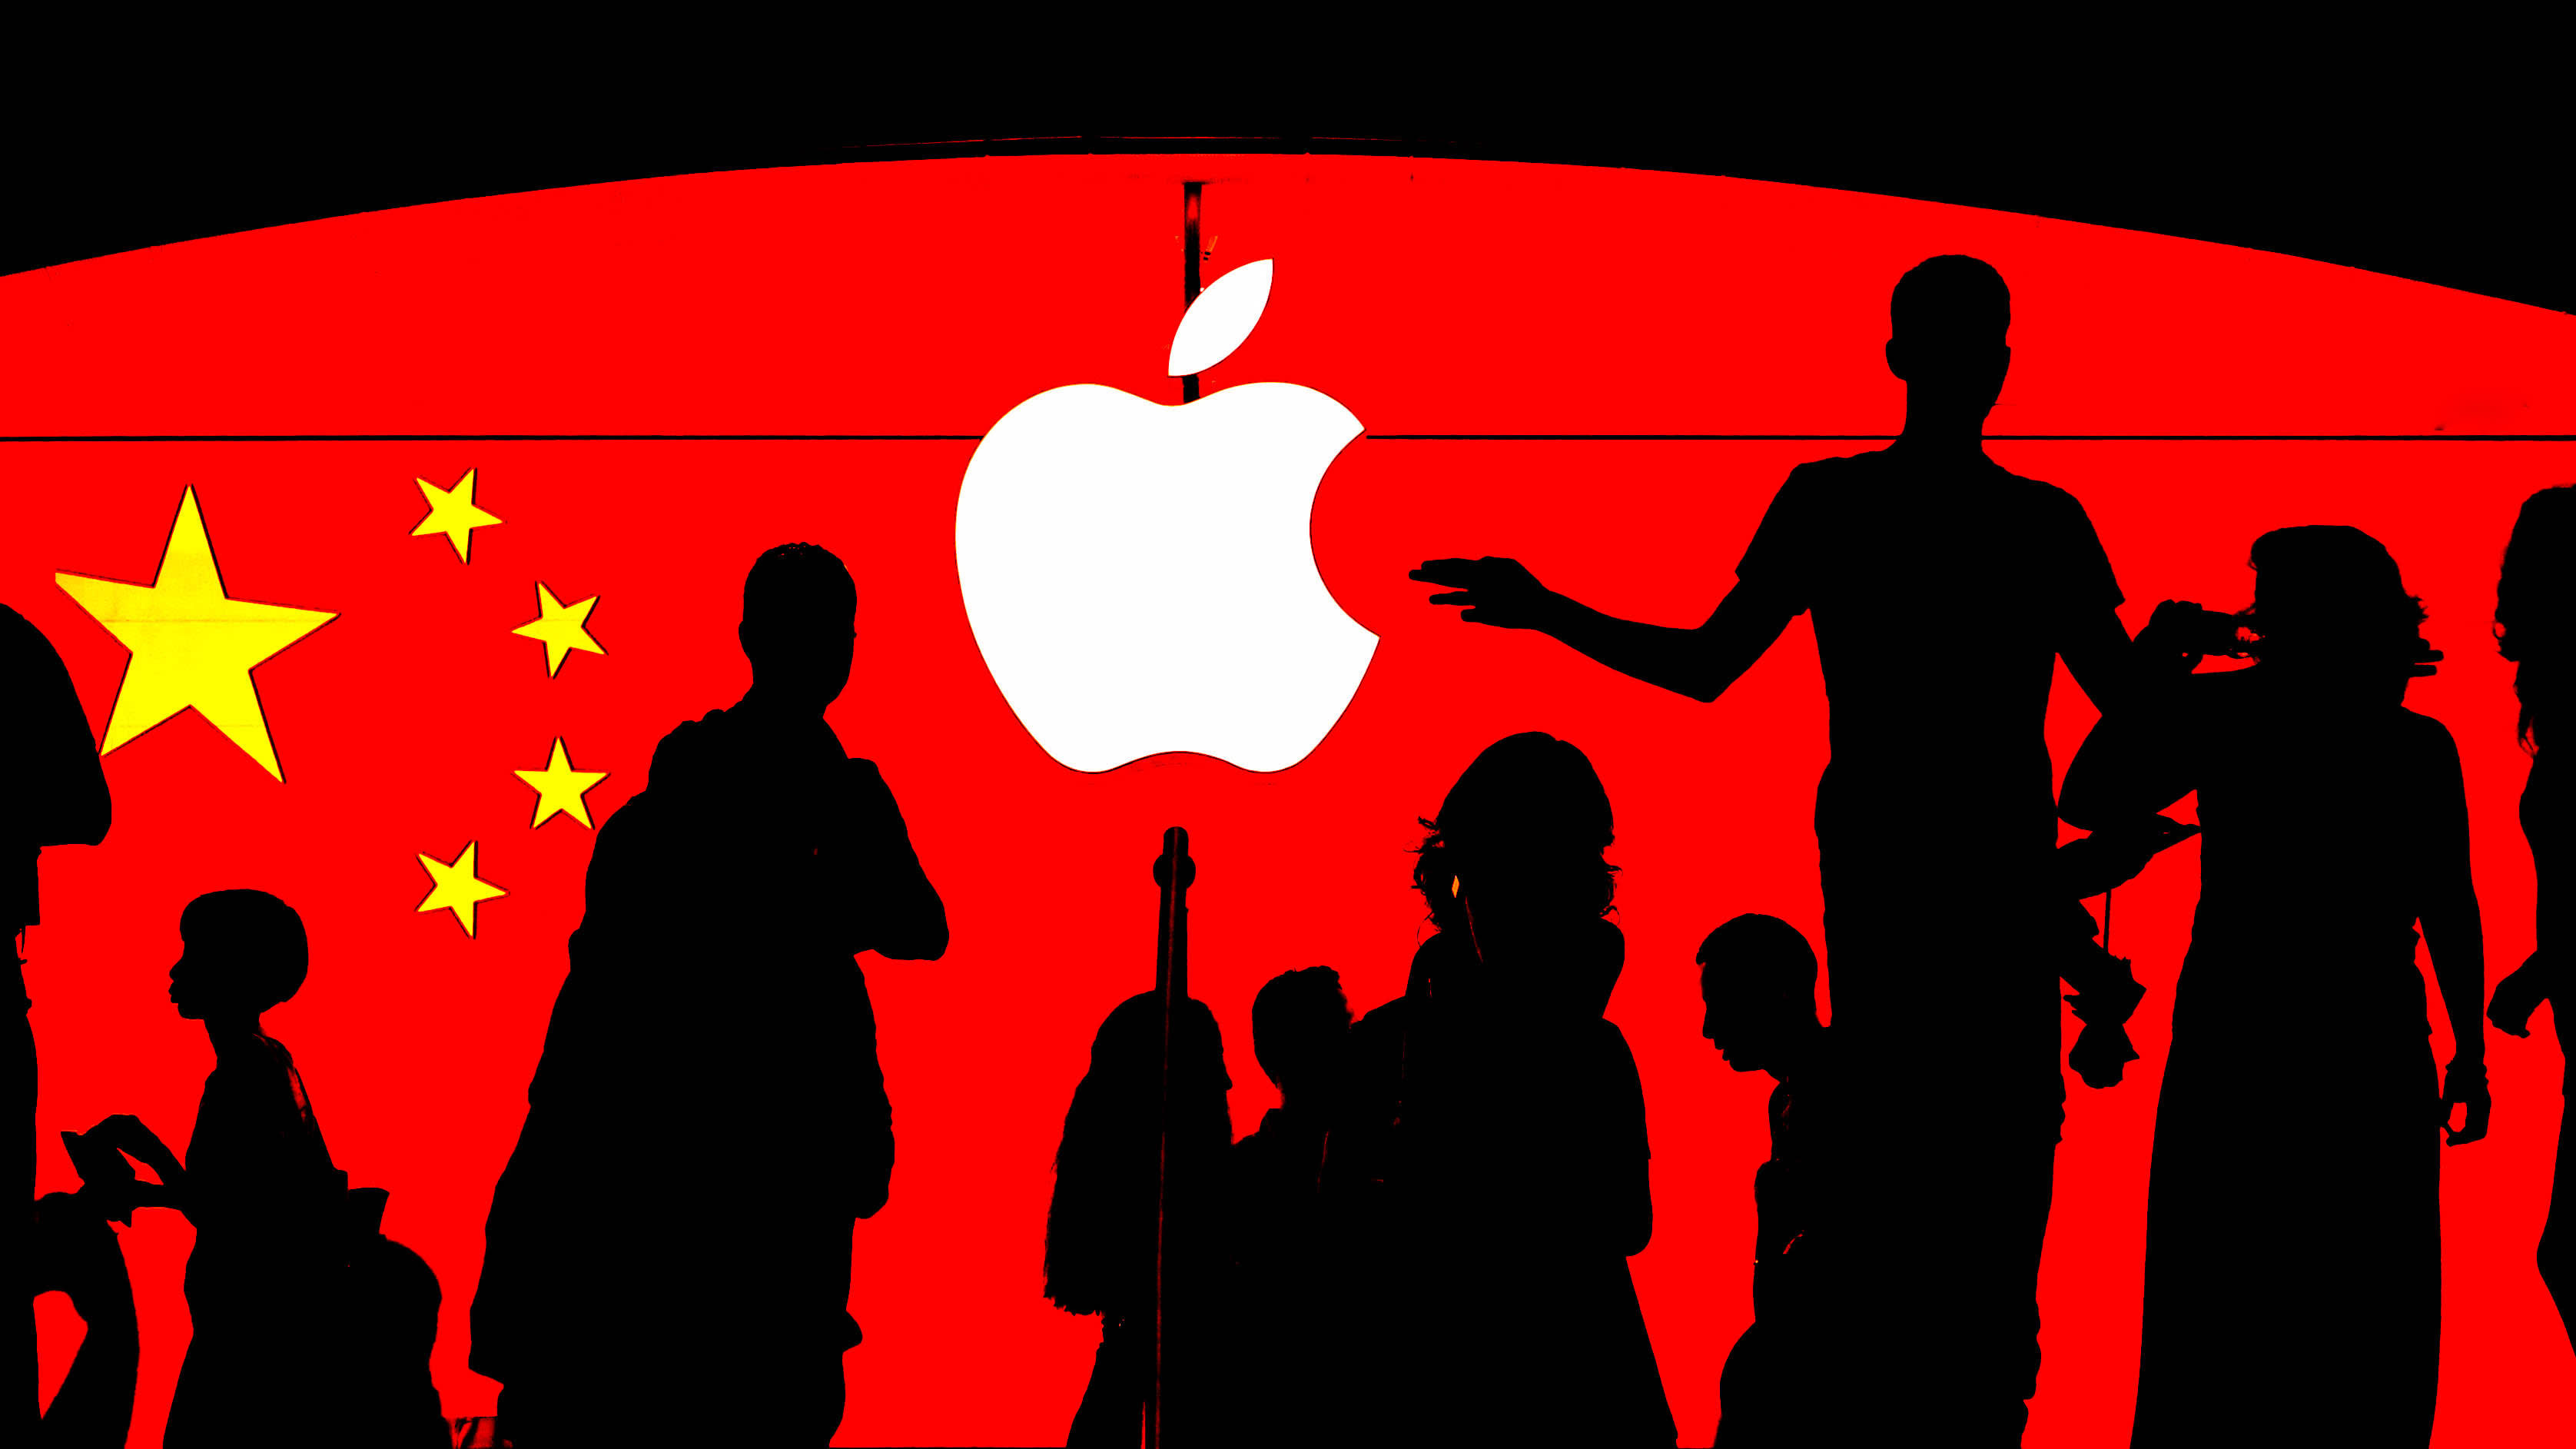 La Cina chiama iPhone: a settembre la domanda cresce del 230%